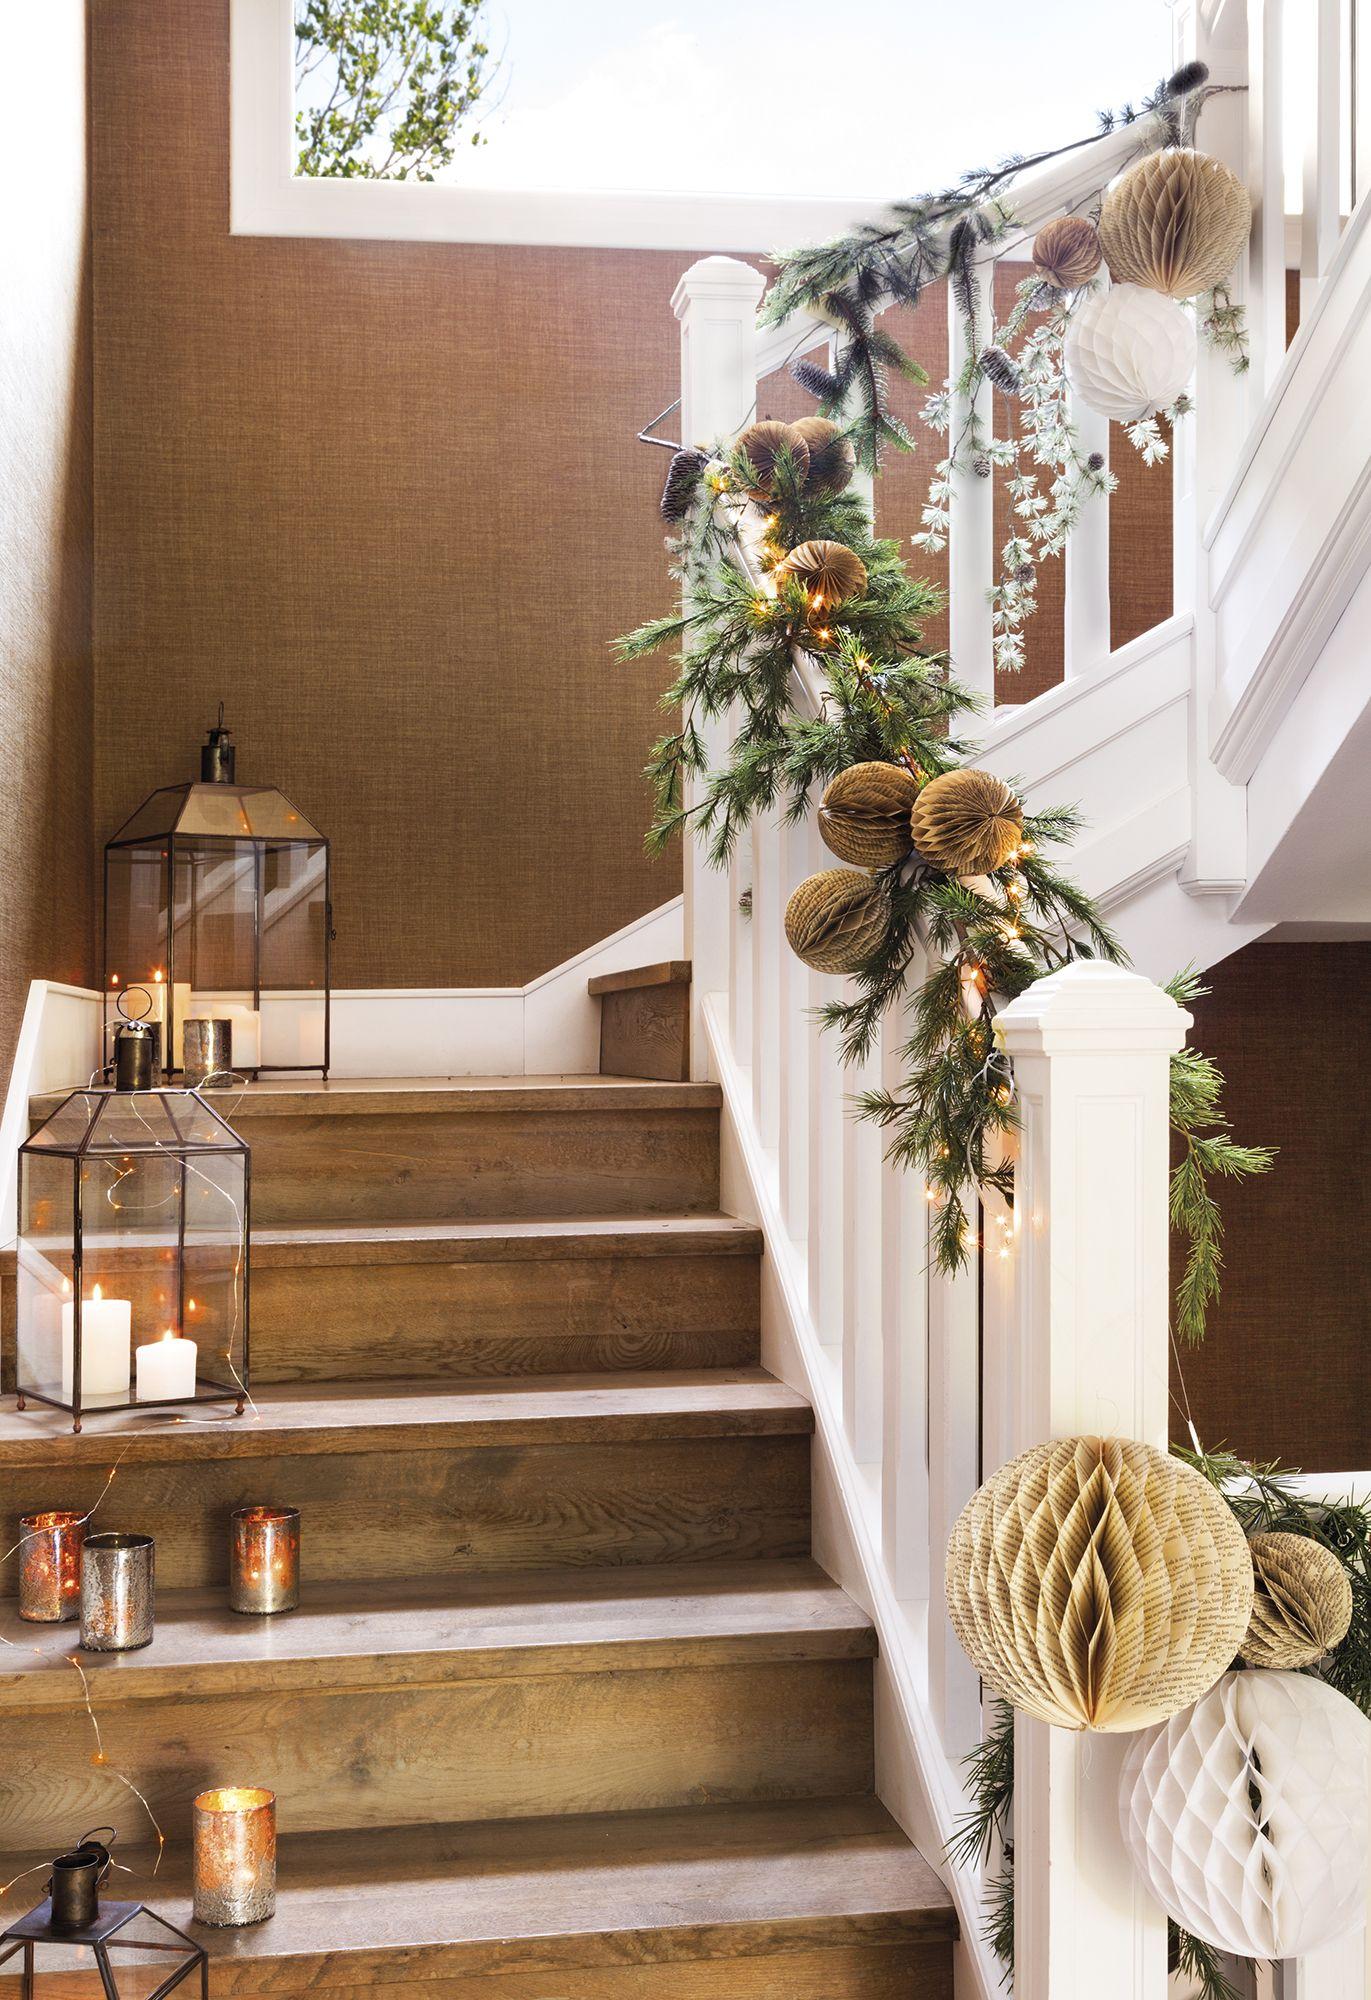 Escalera decorada con guirnaldas y farolillos de navidad - Adornos para la casa ...